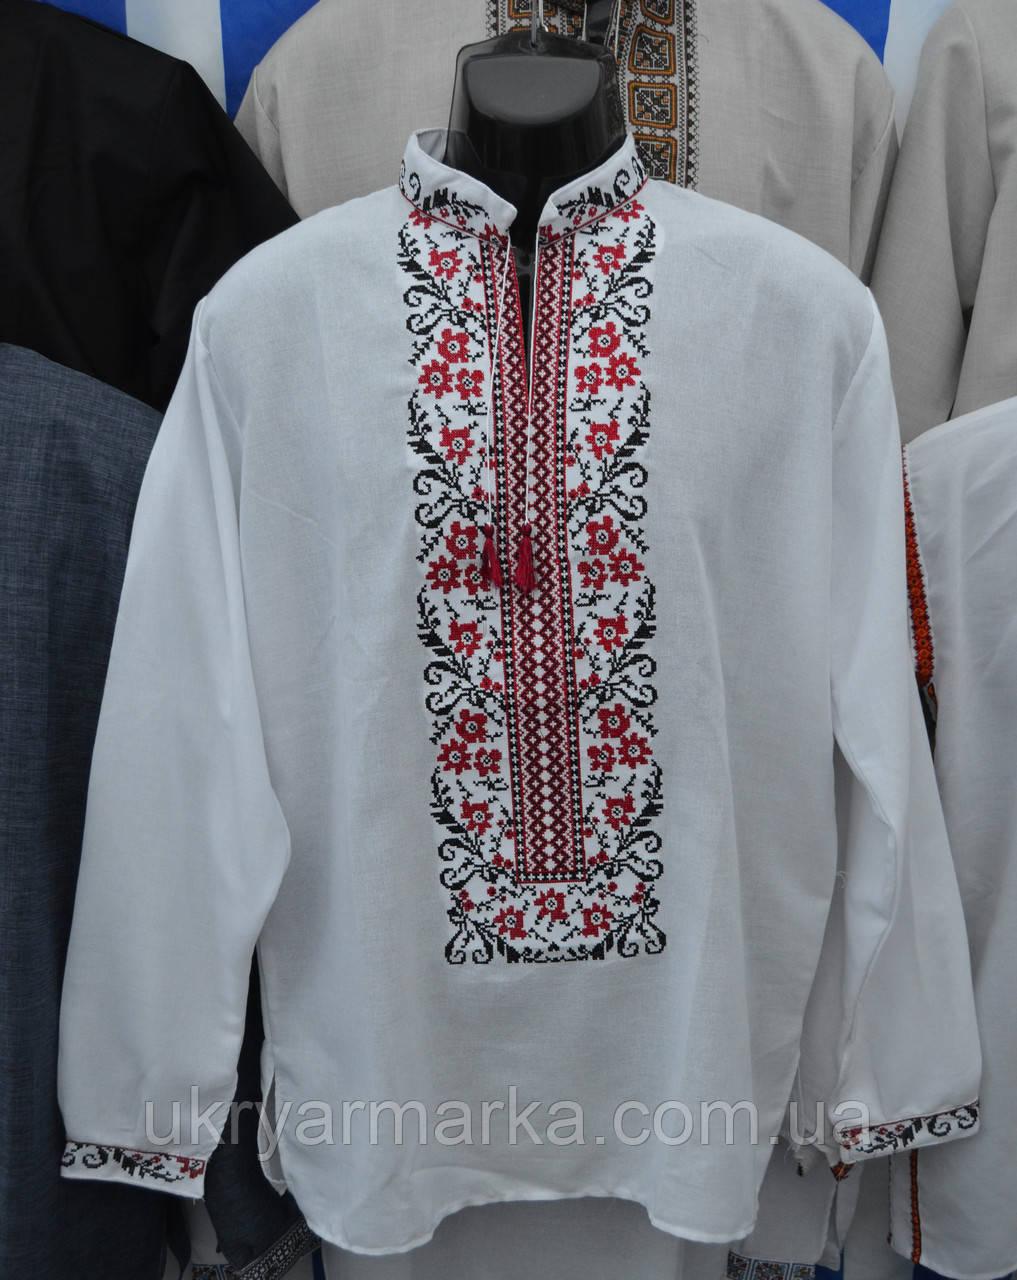 """Чоловіча вишита сорочка """"Небокрай"""" червона, цена 500 грн., купить ..."""